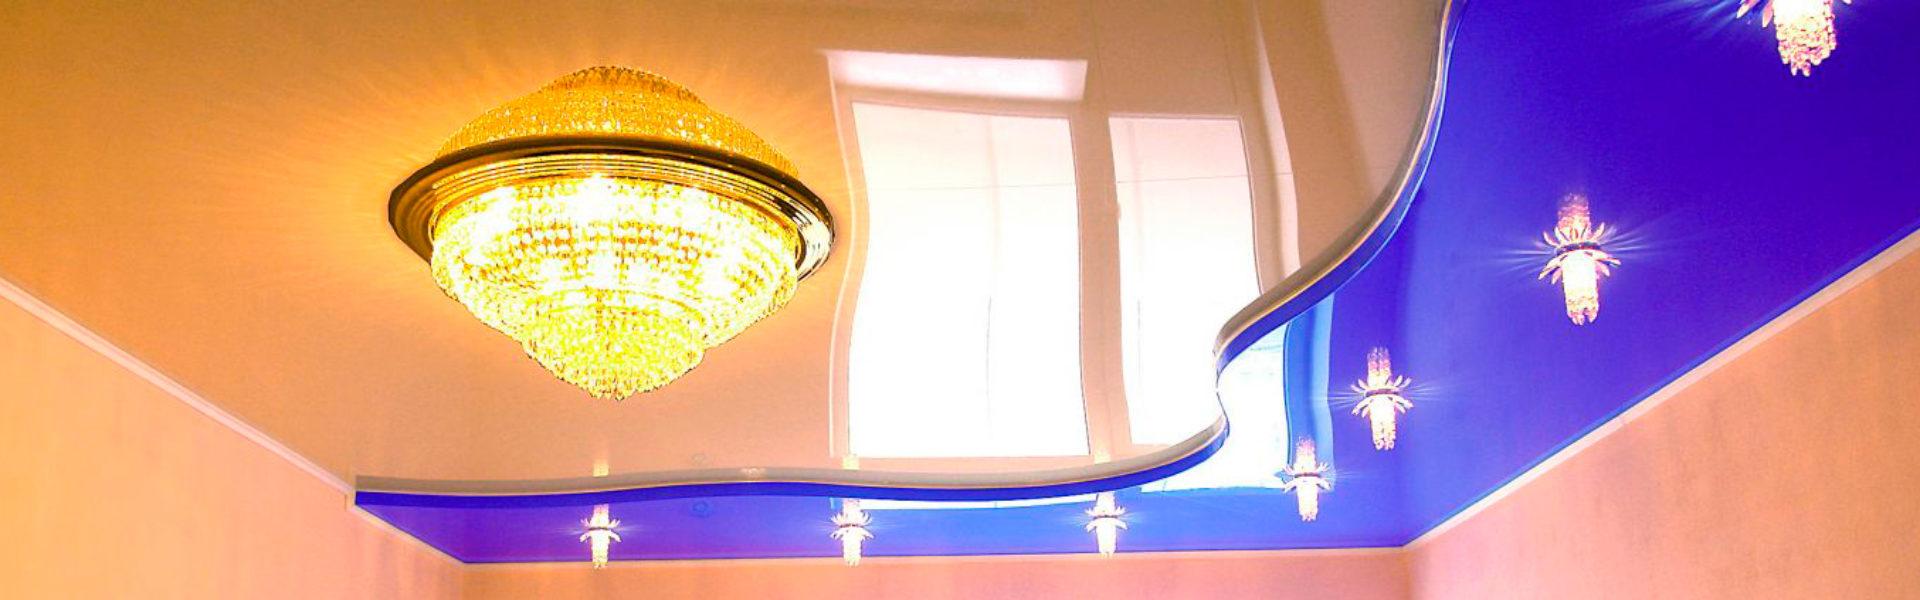 Установка и подключение люстры в Кишинёве